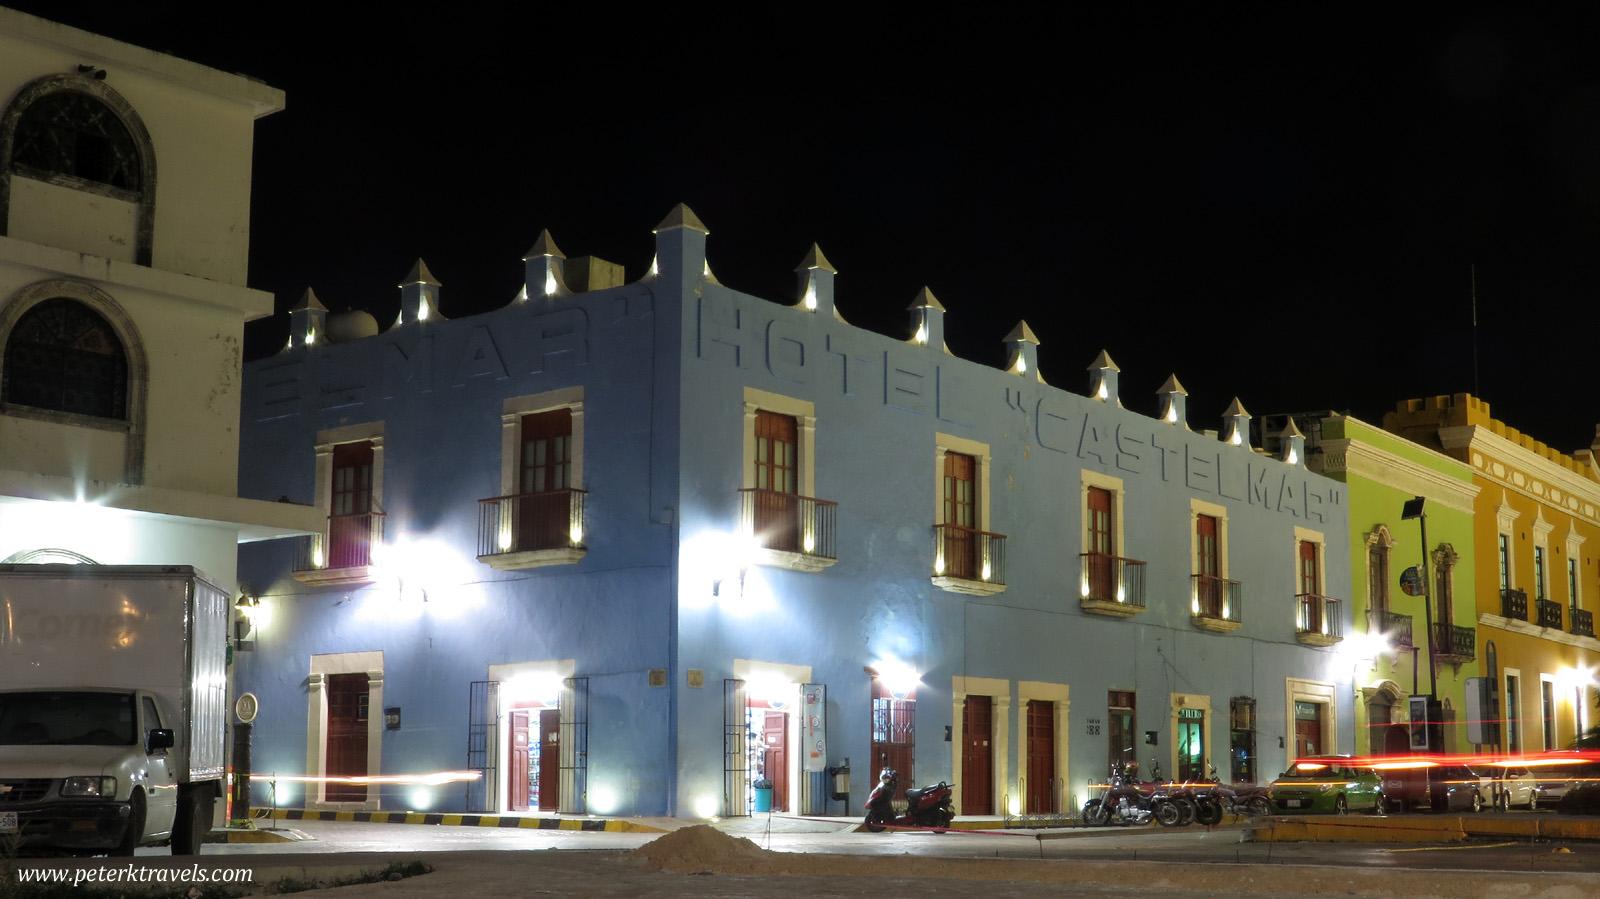 Castelmar Hotel at night.